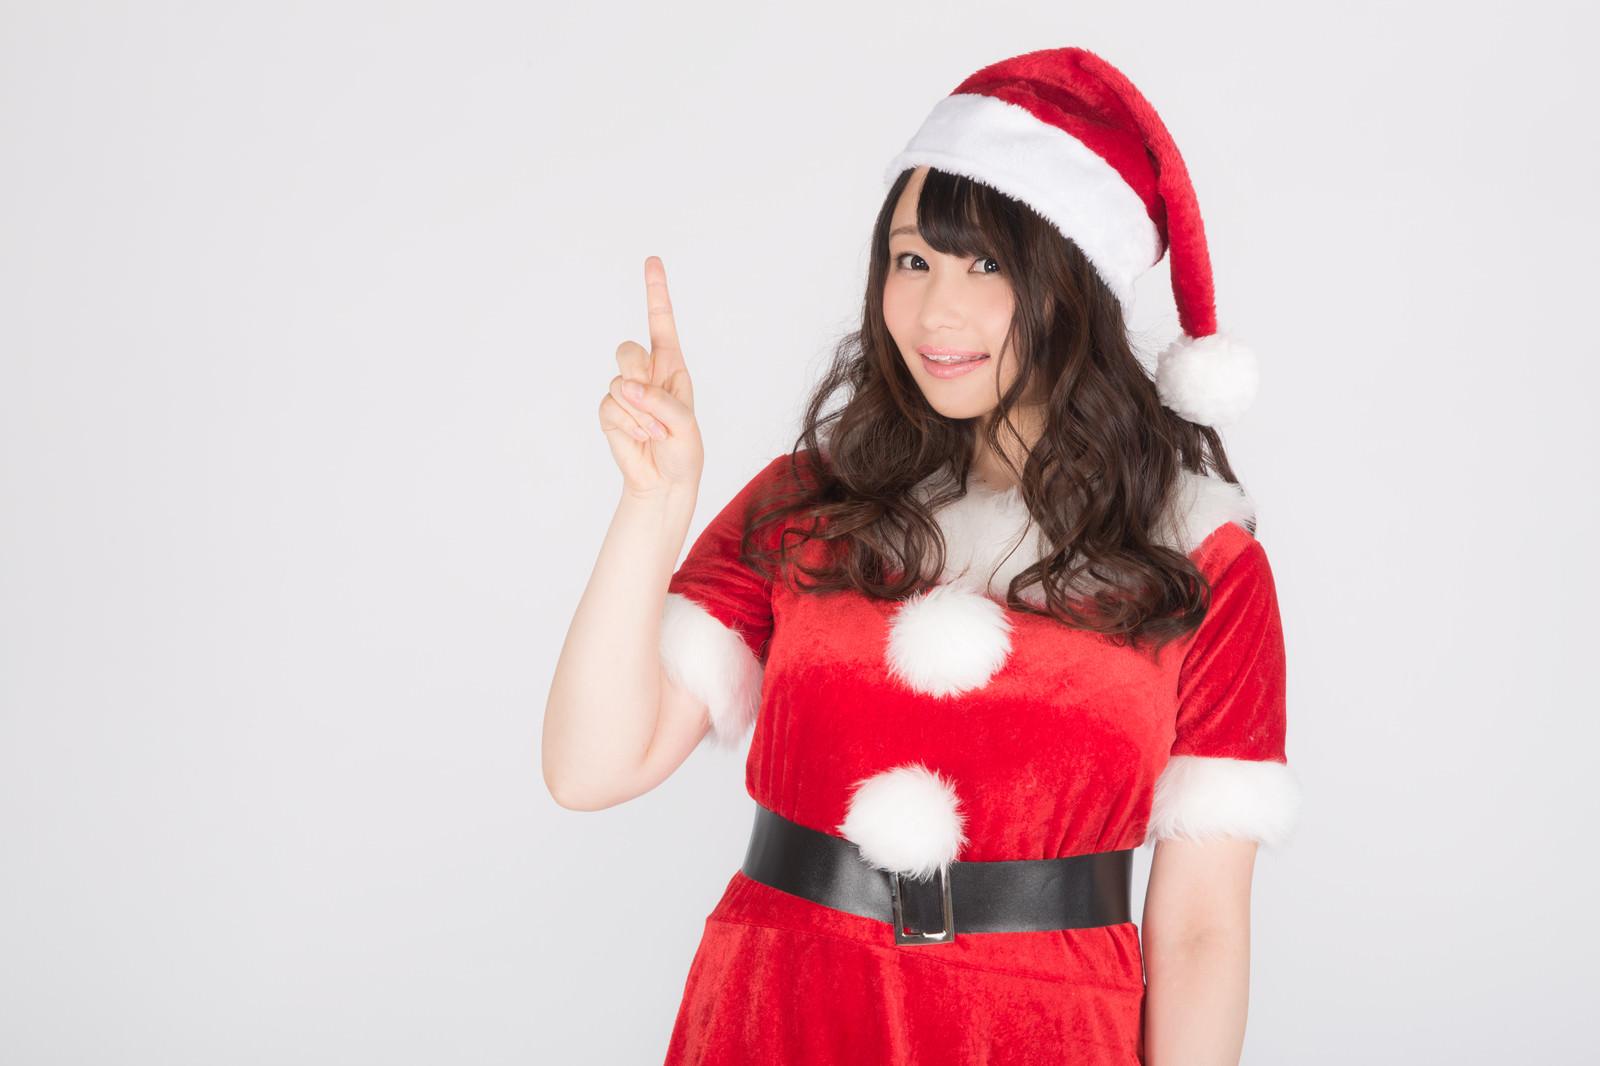 「クリスマスまであと1日!素敵な1日でありますように!クリスマスまであと1日!素敵な1日でありますように!」[モデル:茜さや]のフリー写真素材を拡大